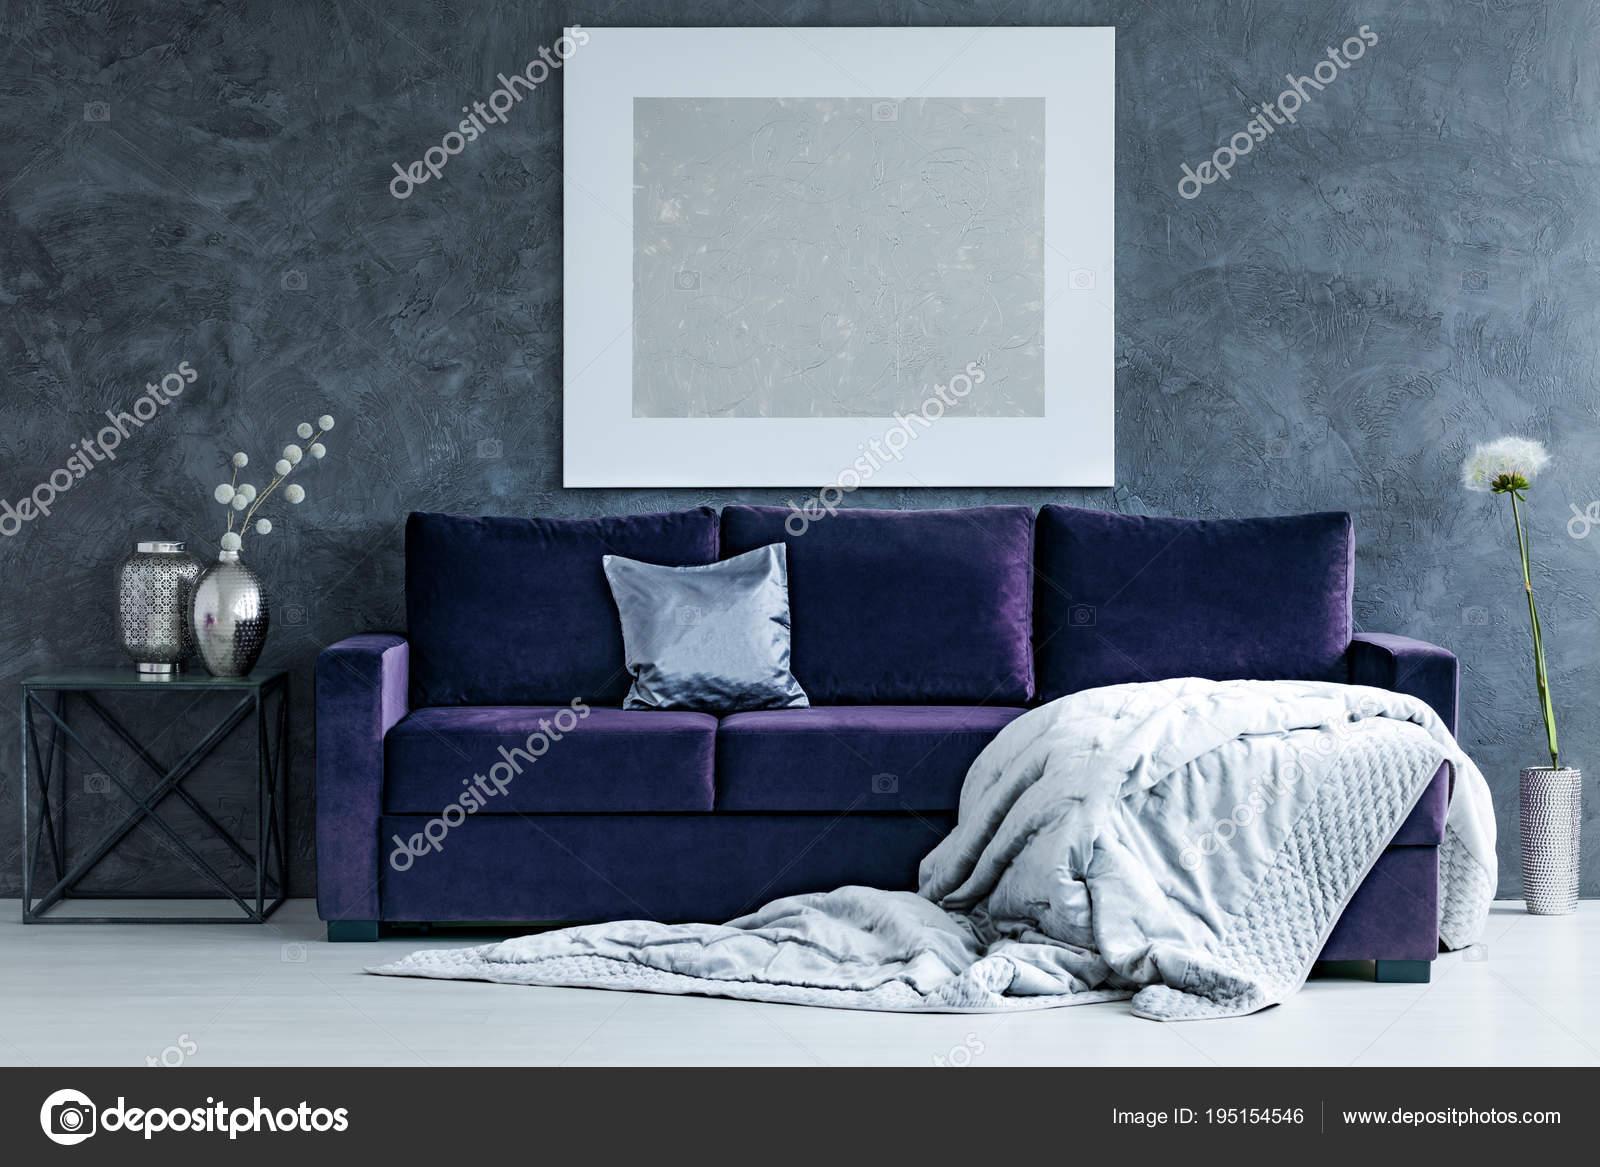 Silbernen Anstrich Auf Graue Wand über Lila Sofa Mit Decke Im Wohnzimmer  Interieur Mit Löwenzahn U2014 Foto Von Photographee.eu